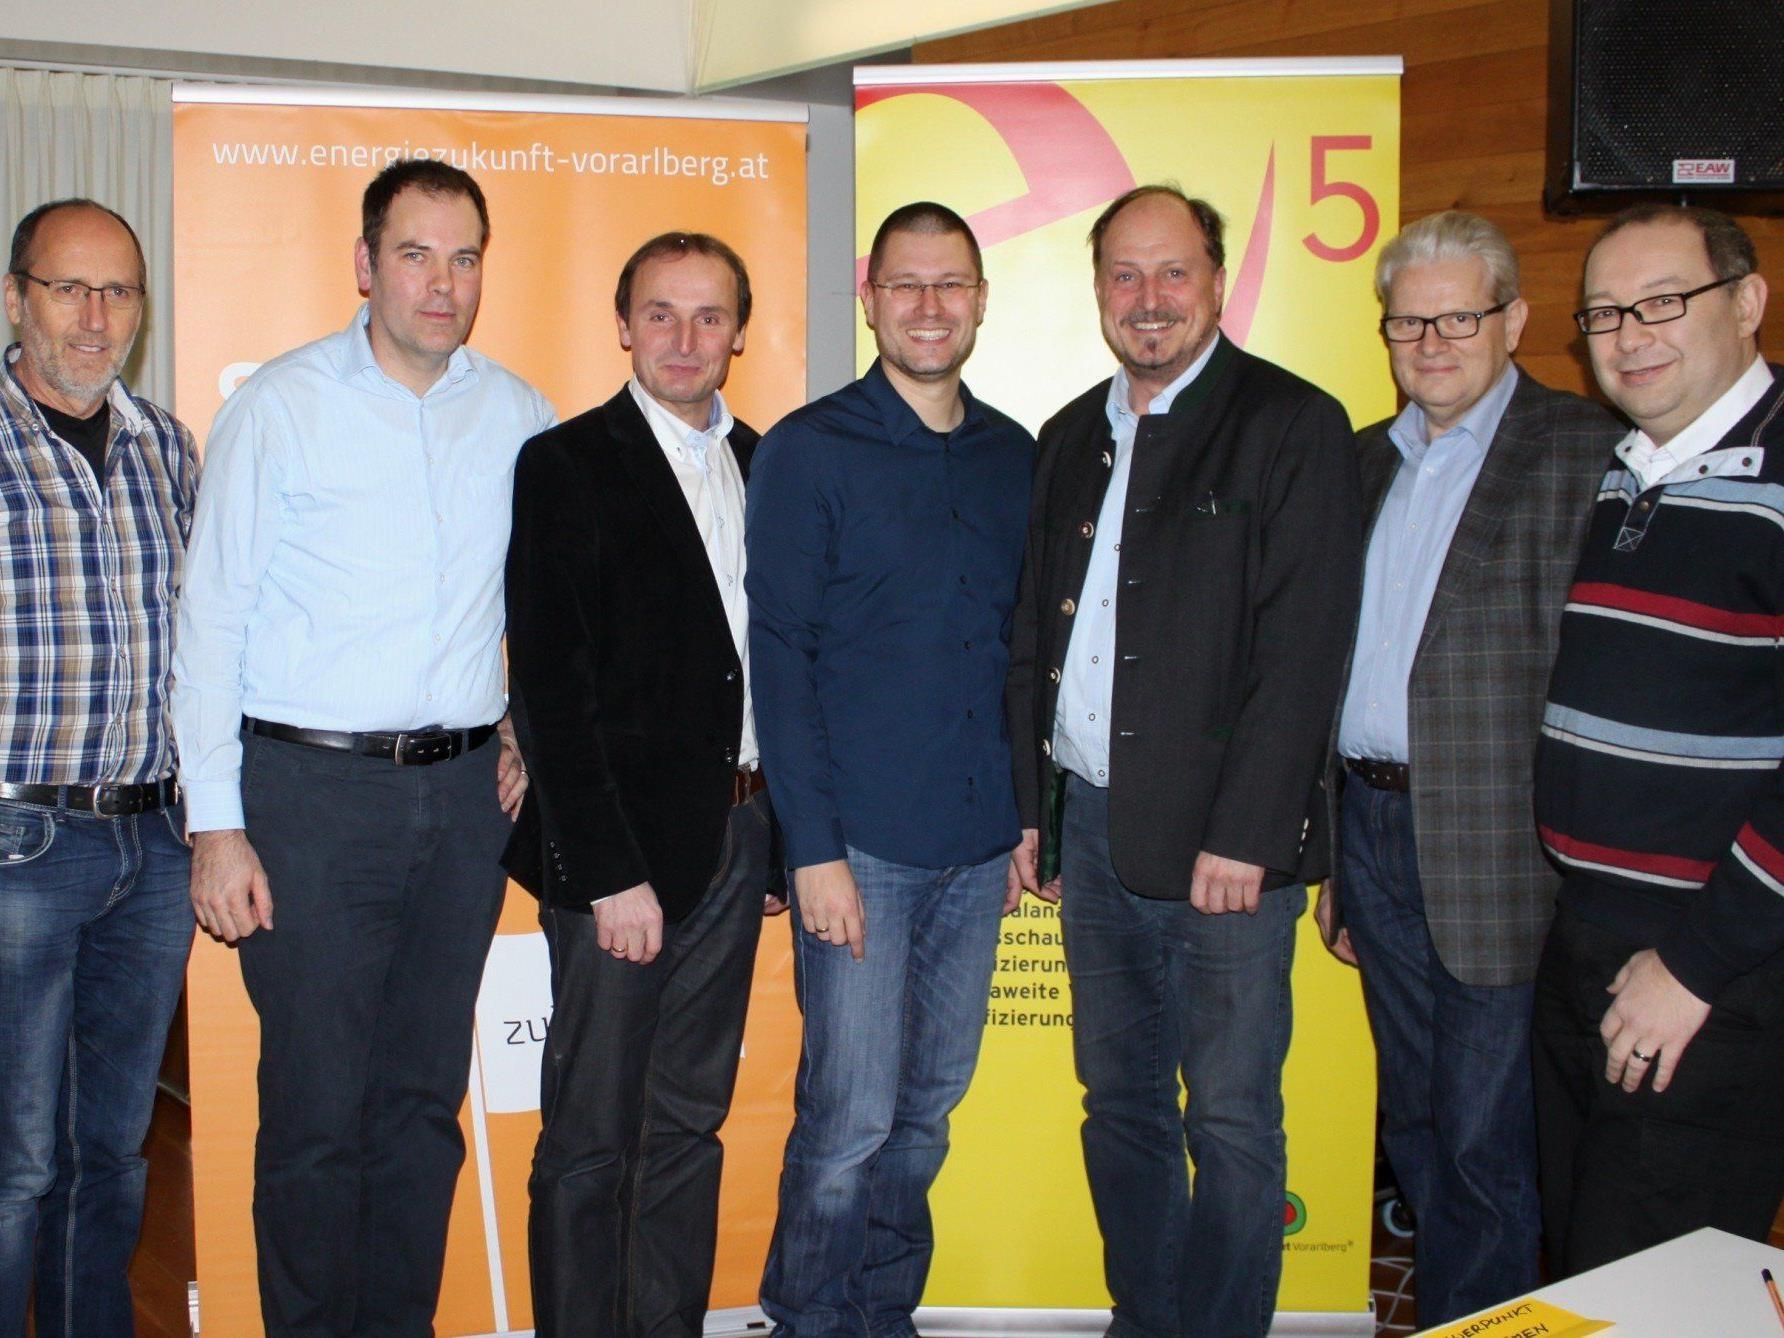 """Die fünf Leiblachtalgemeinden gehen als """"Energieregion Leiblachtal"""" gemeinsam den Weg in Richtung Energieautonomie 2050."""